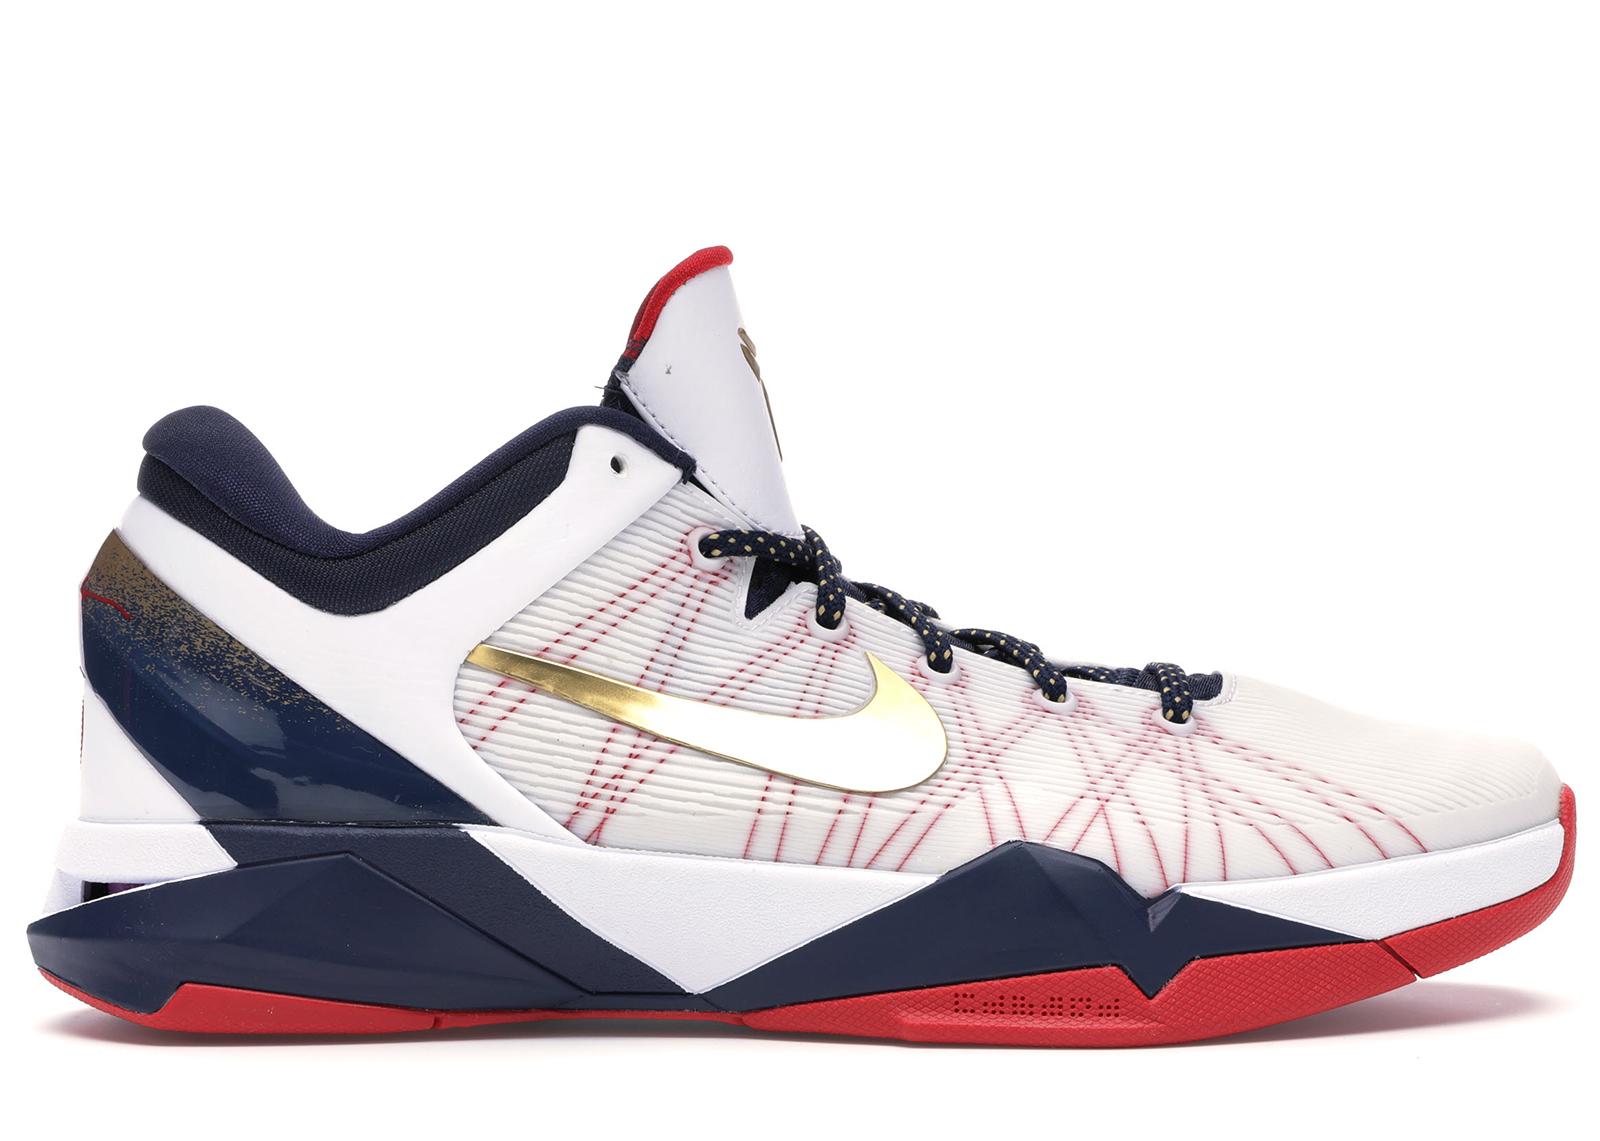 Nike Kobe 7 Gold Medal - 488371-104